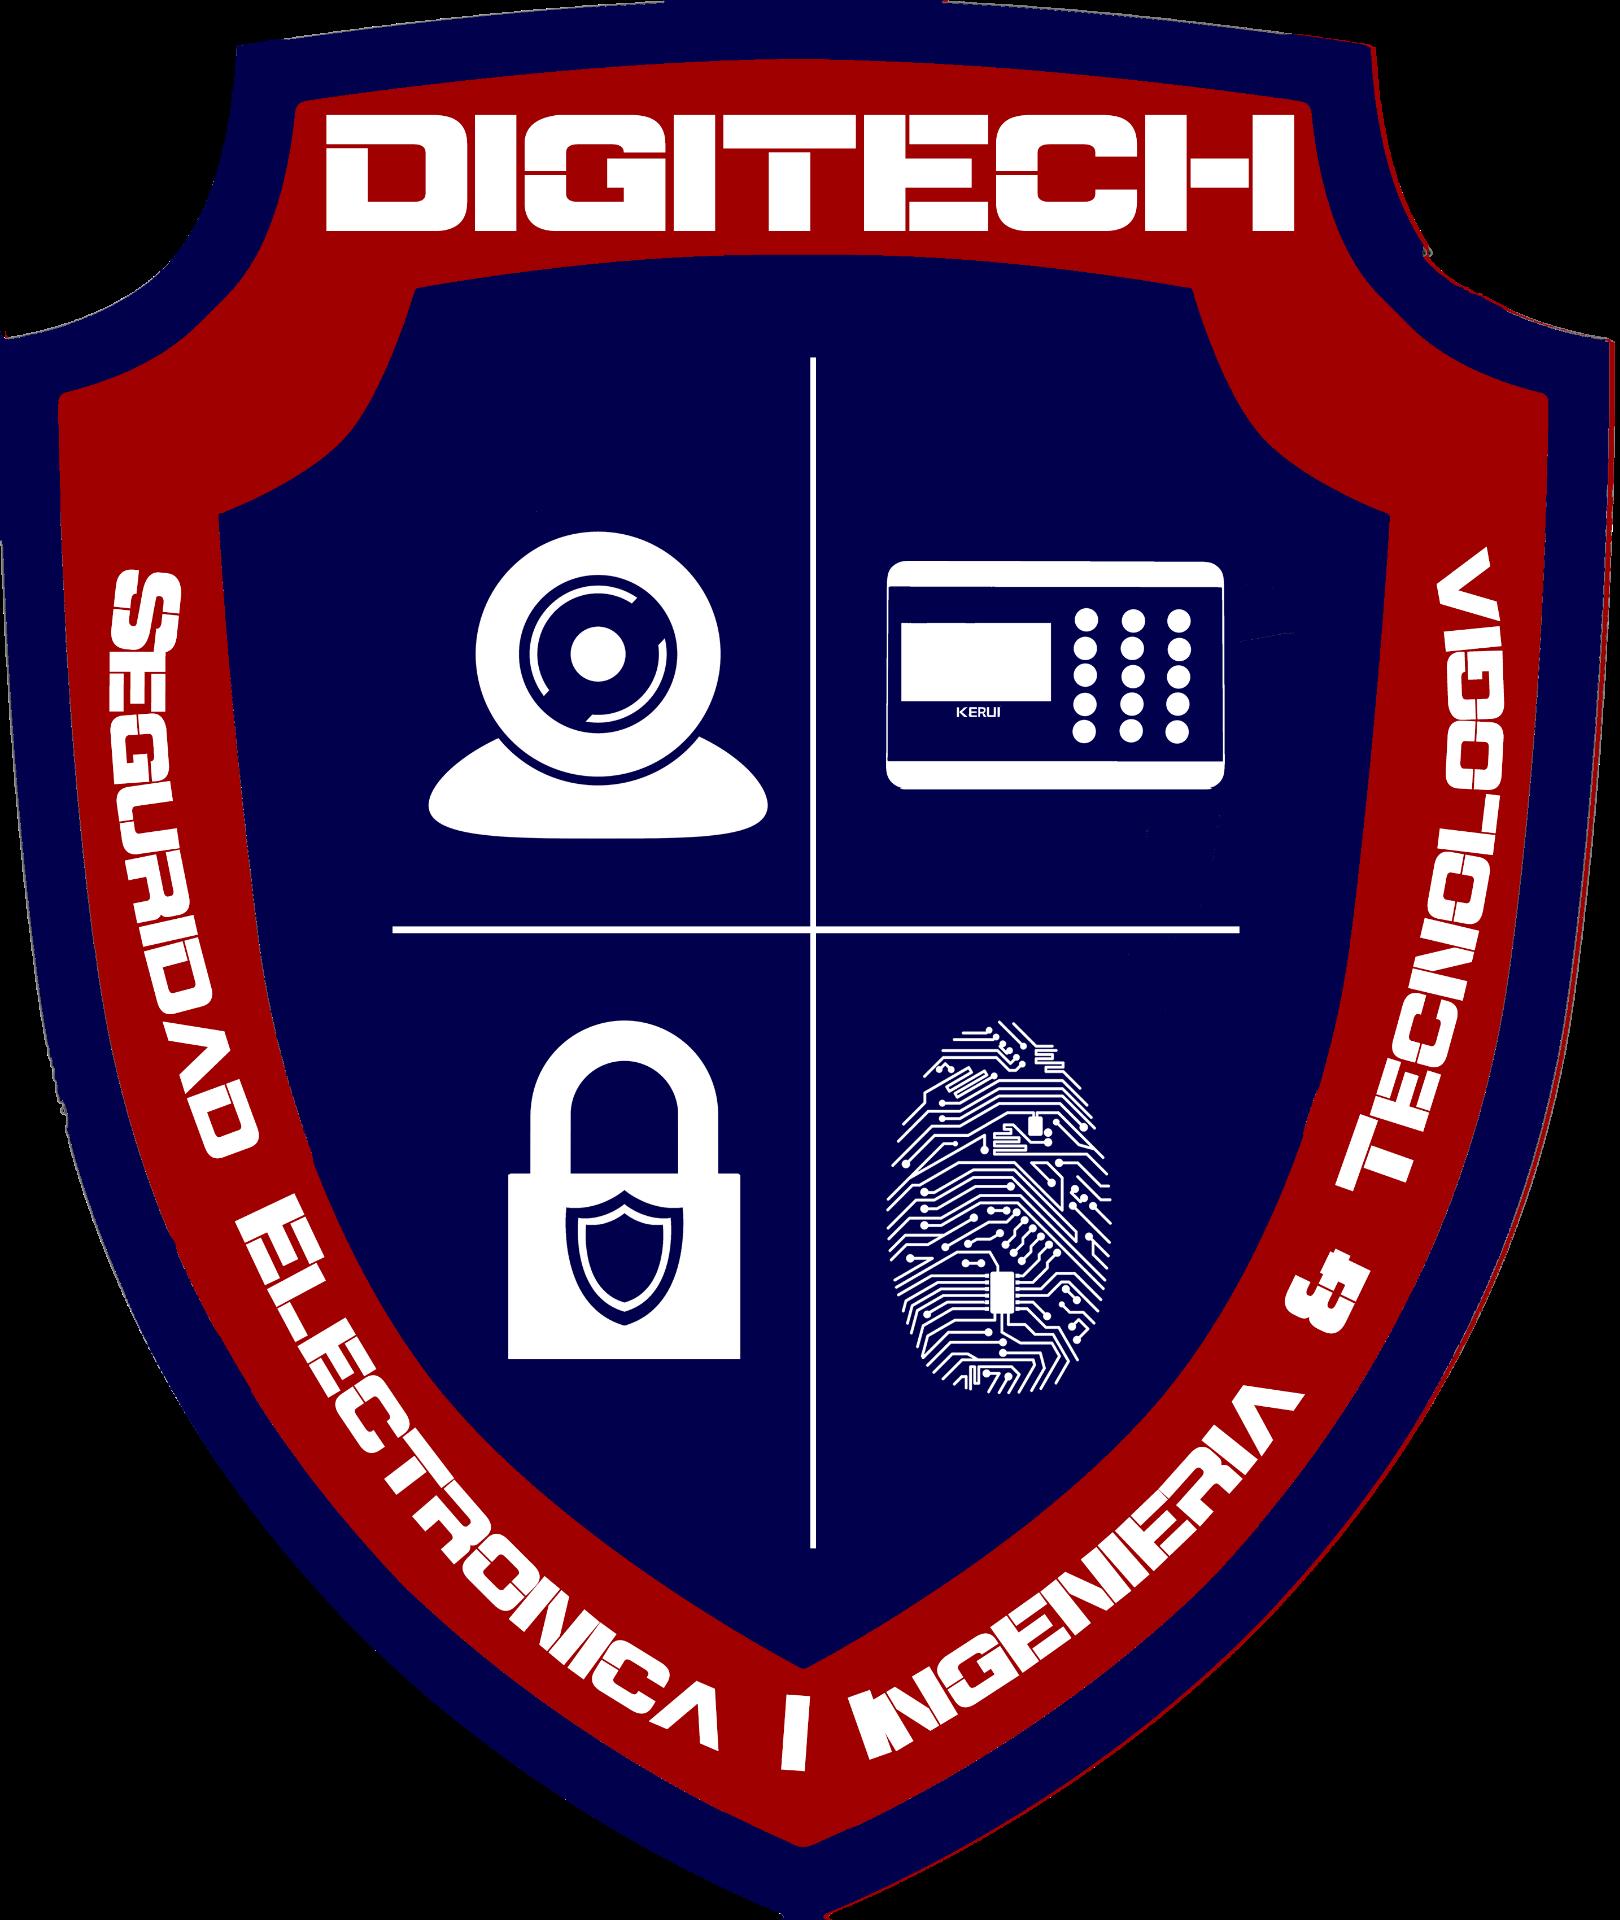 DIGITECHSEGURIDADMX